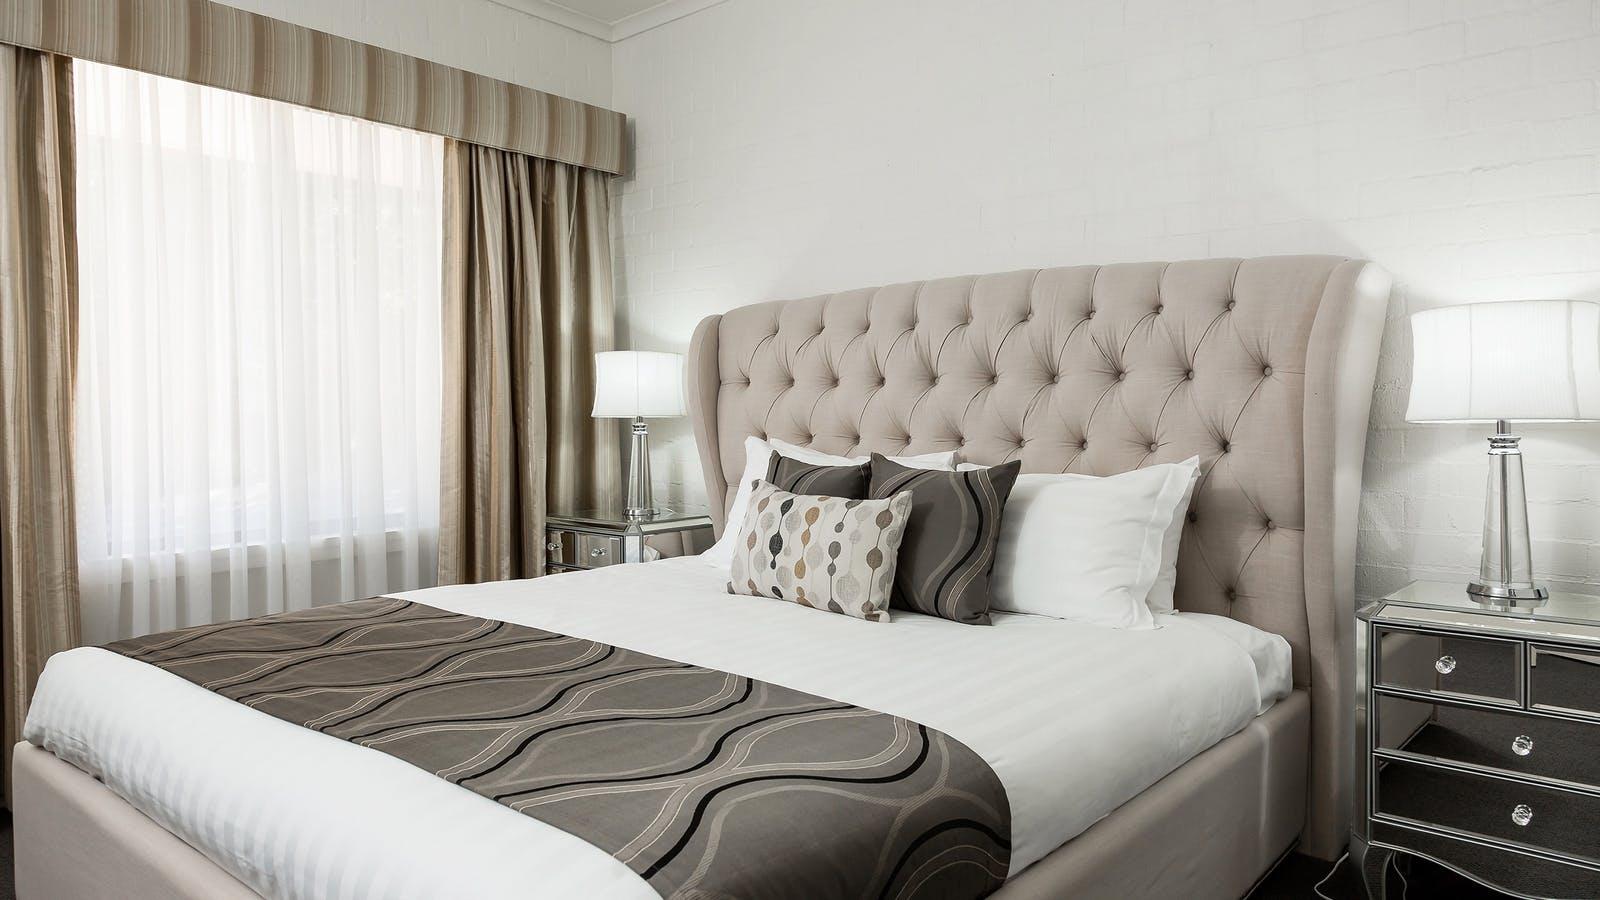 Envy Apartment Bedroom